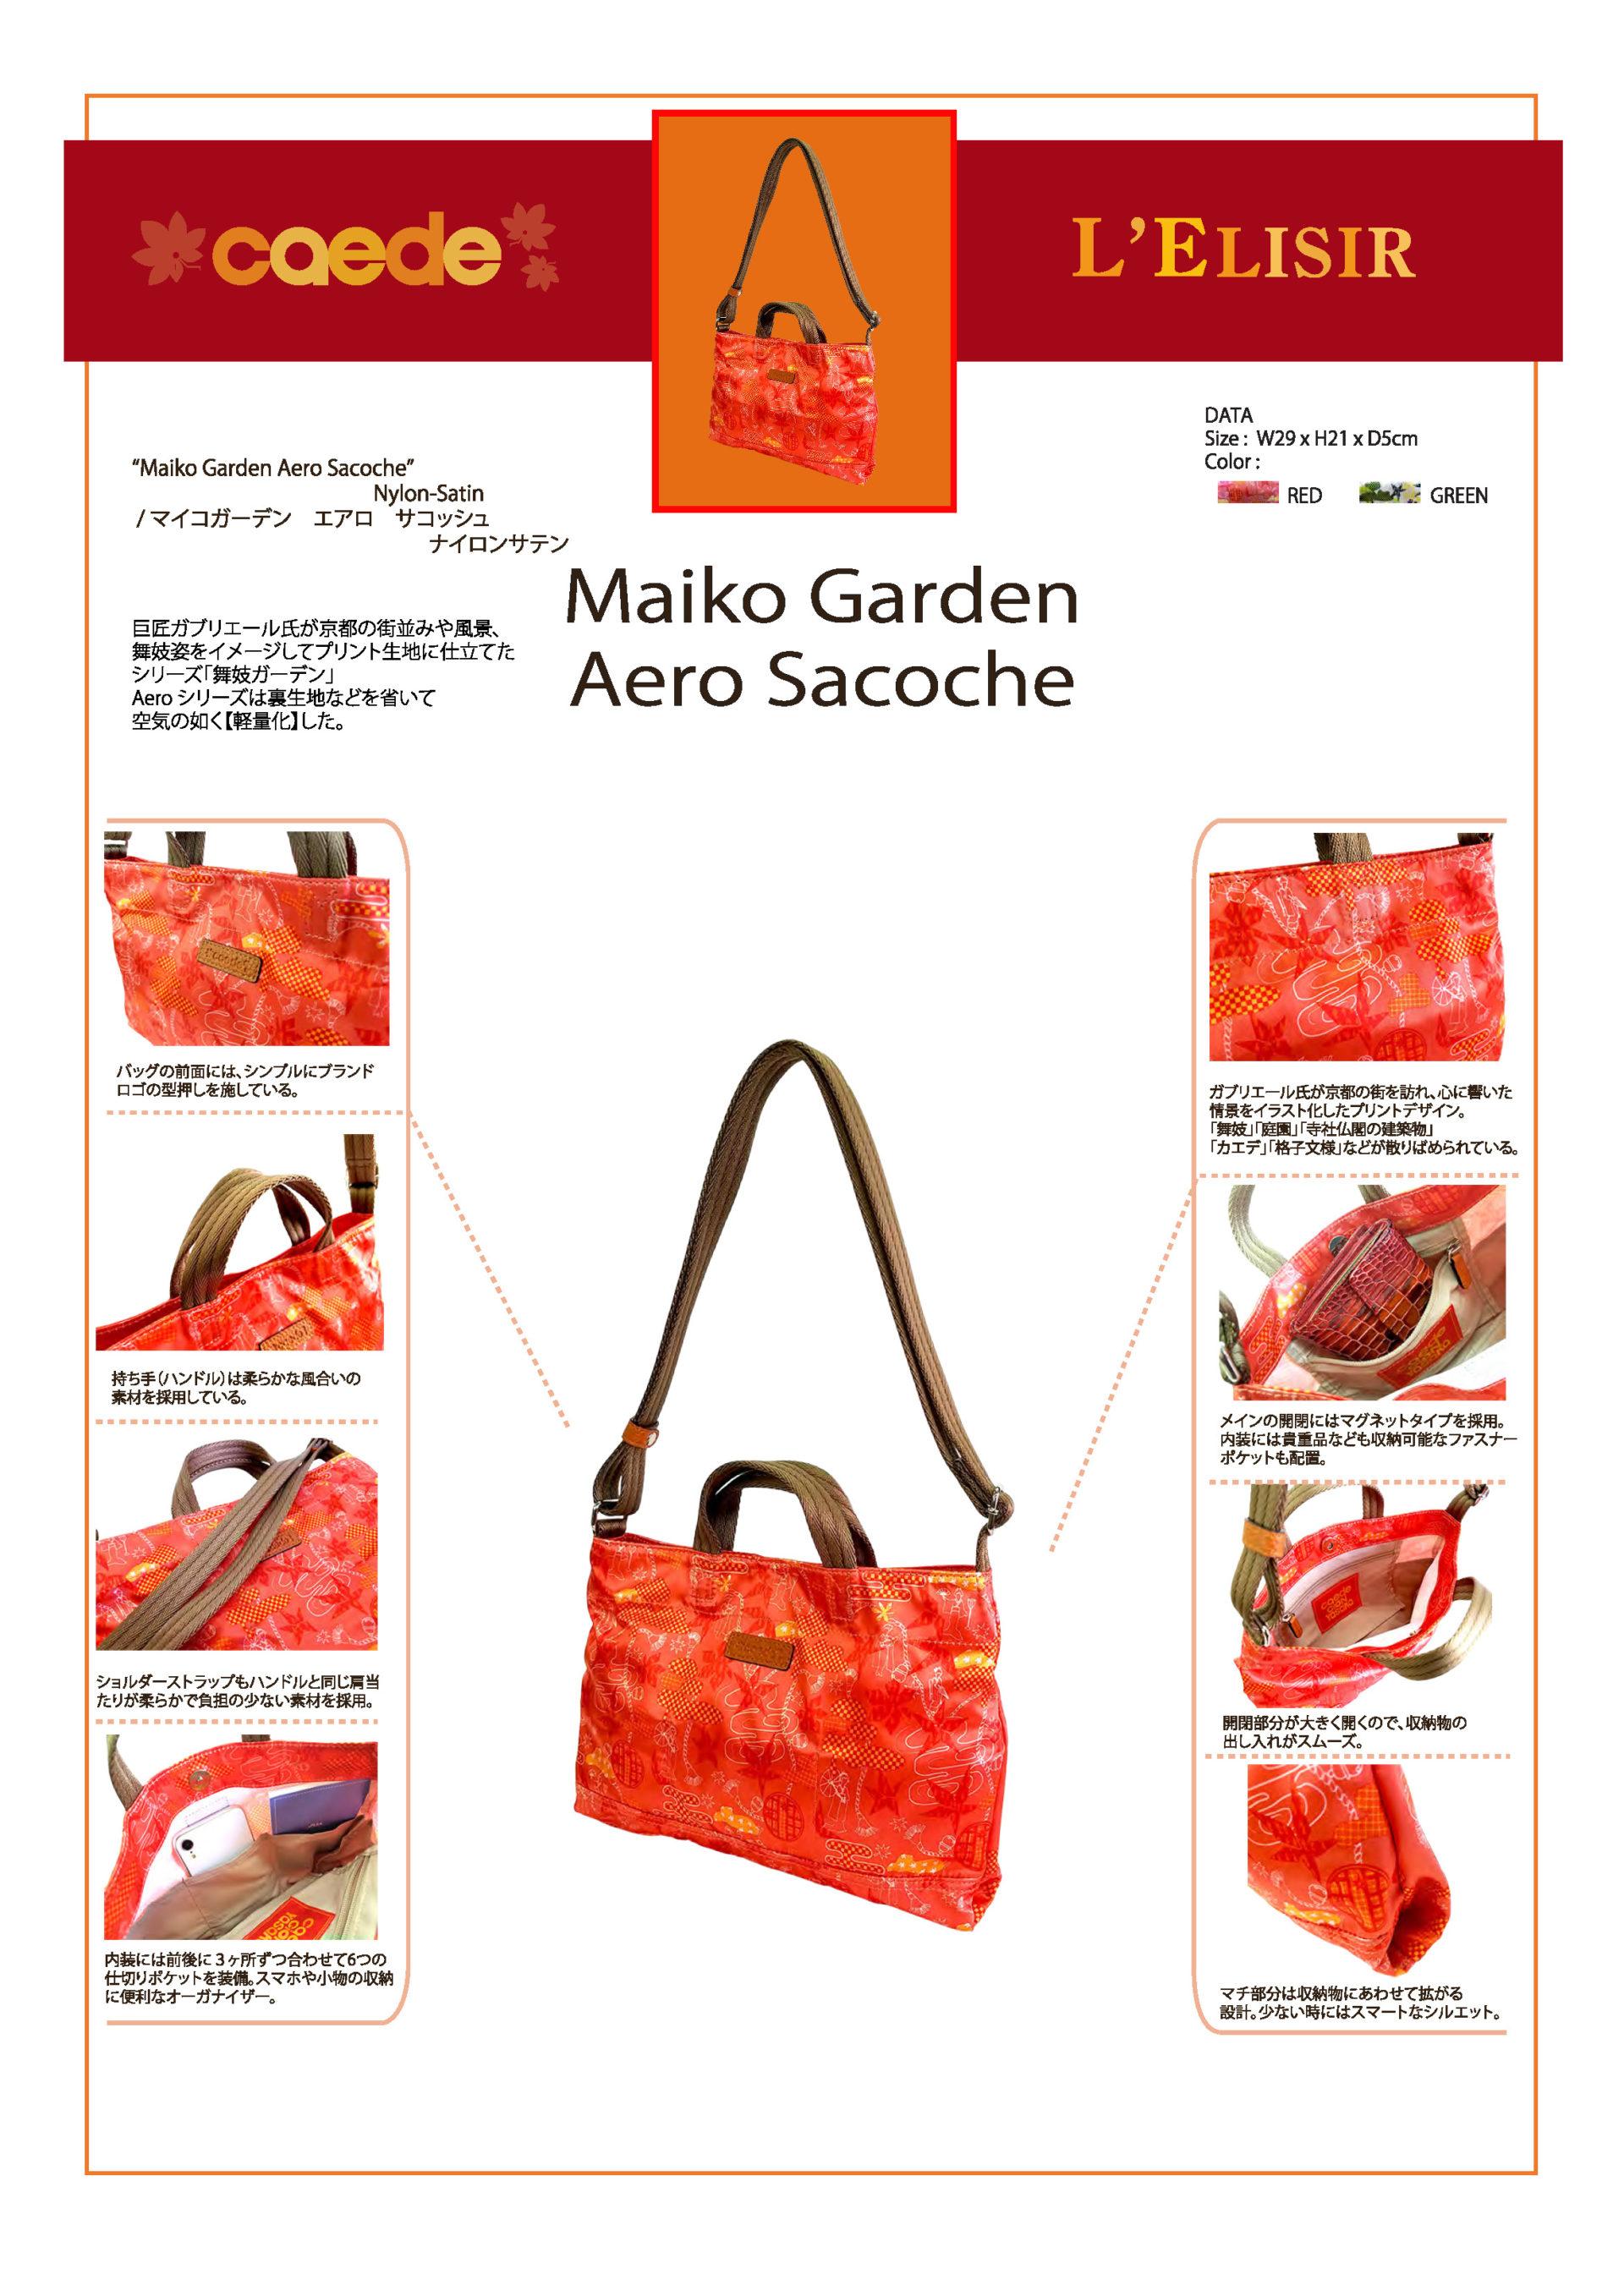 72433 maiko garden aero sacoche